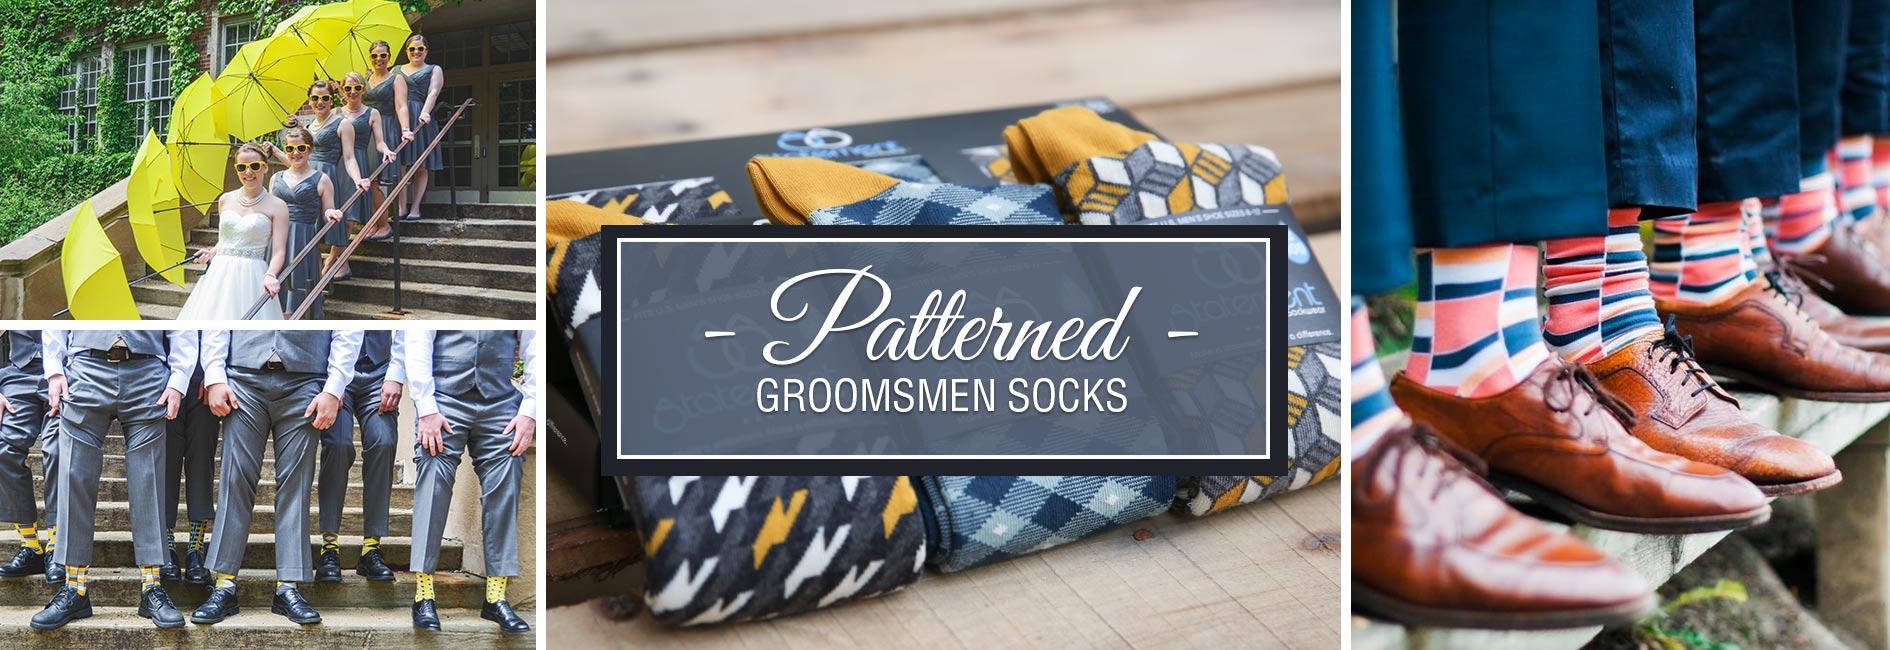 Patterned Groomsmen Wedding Socks Banner